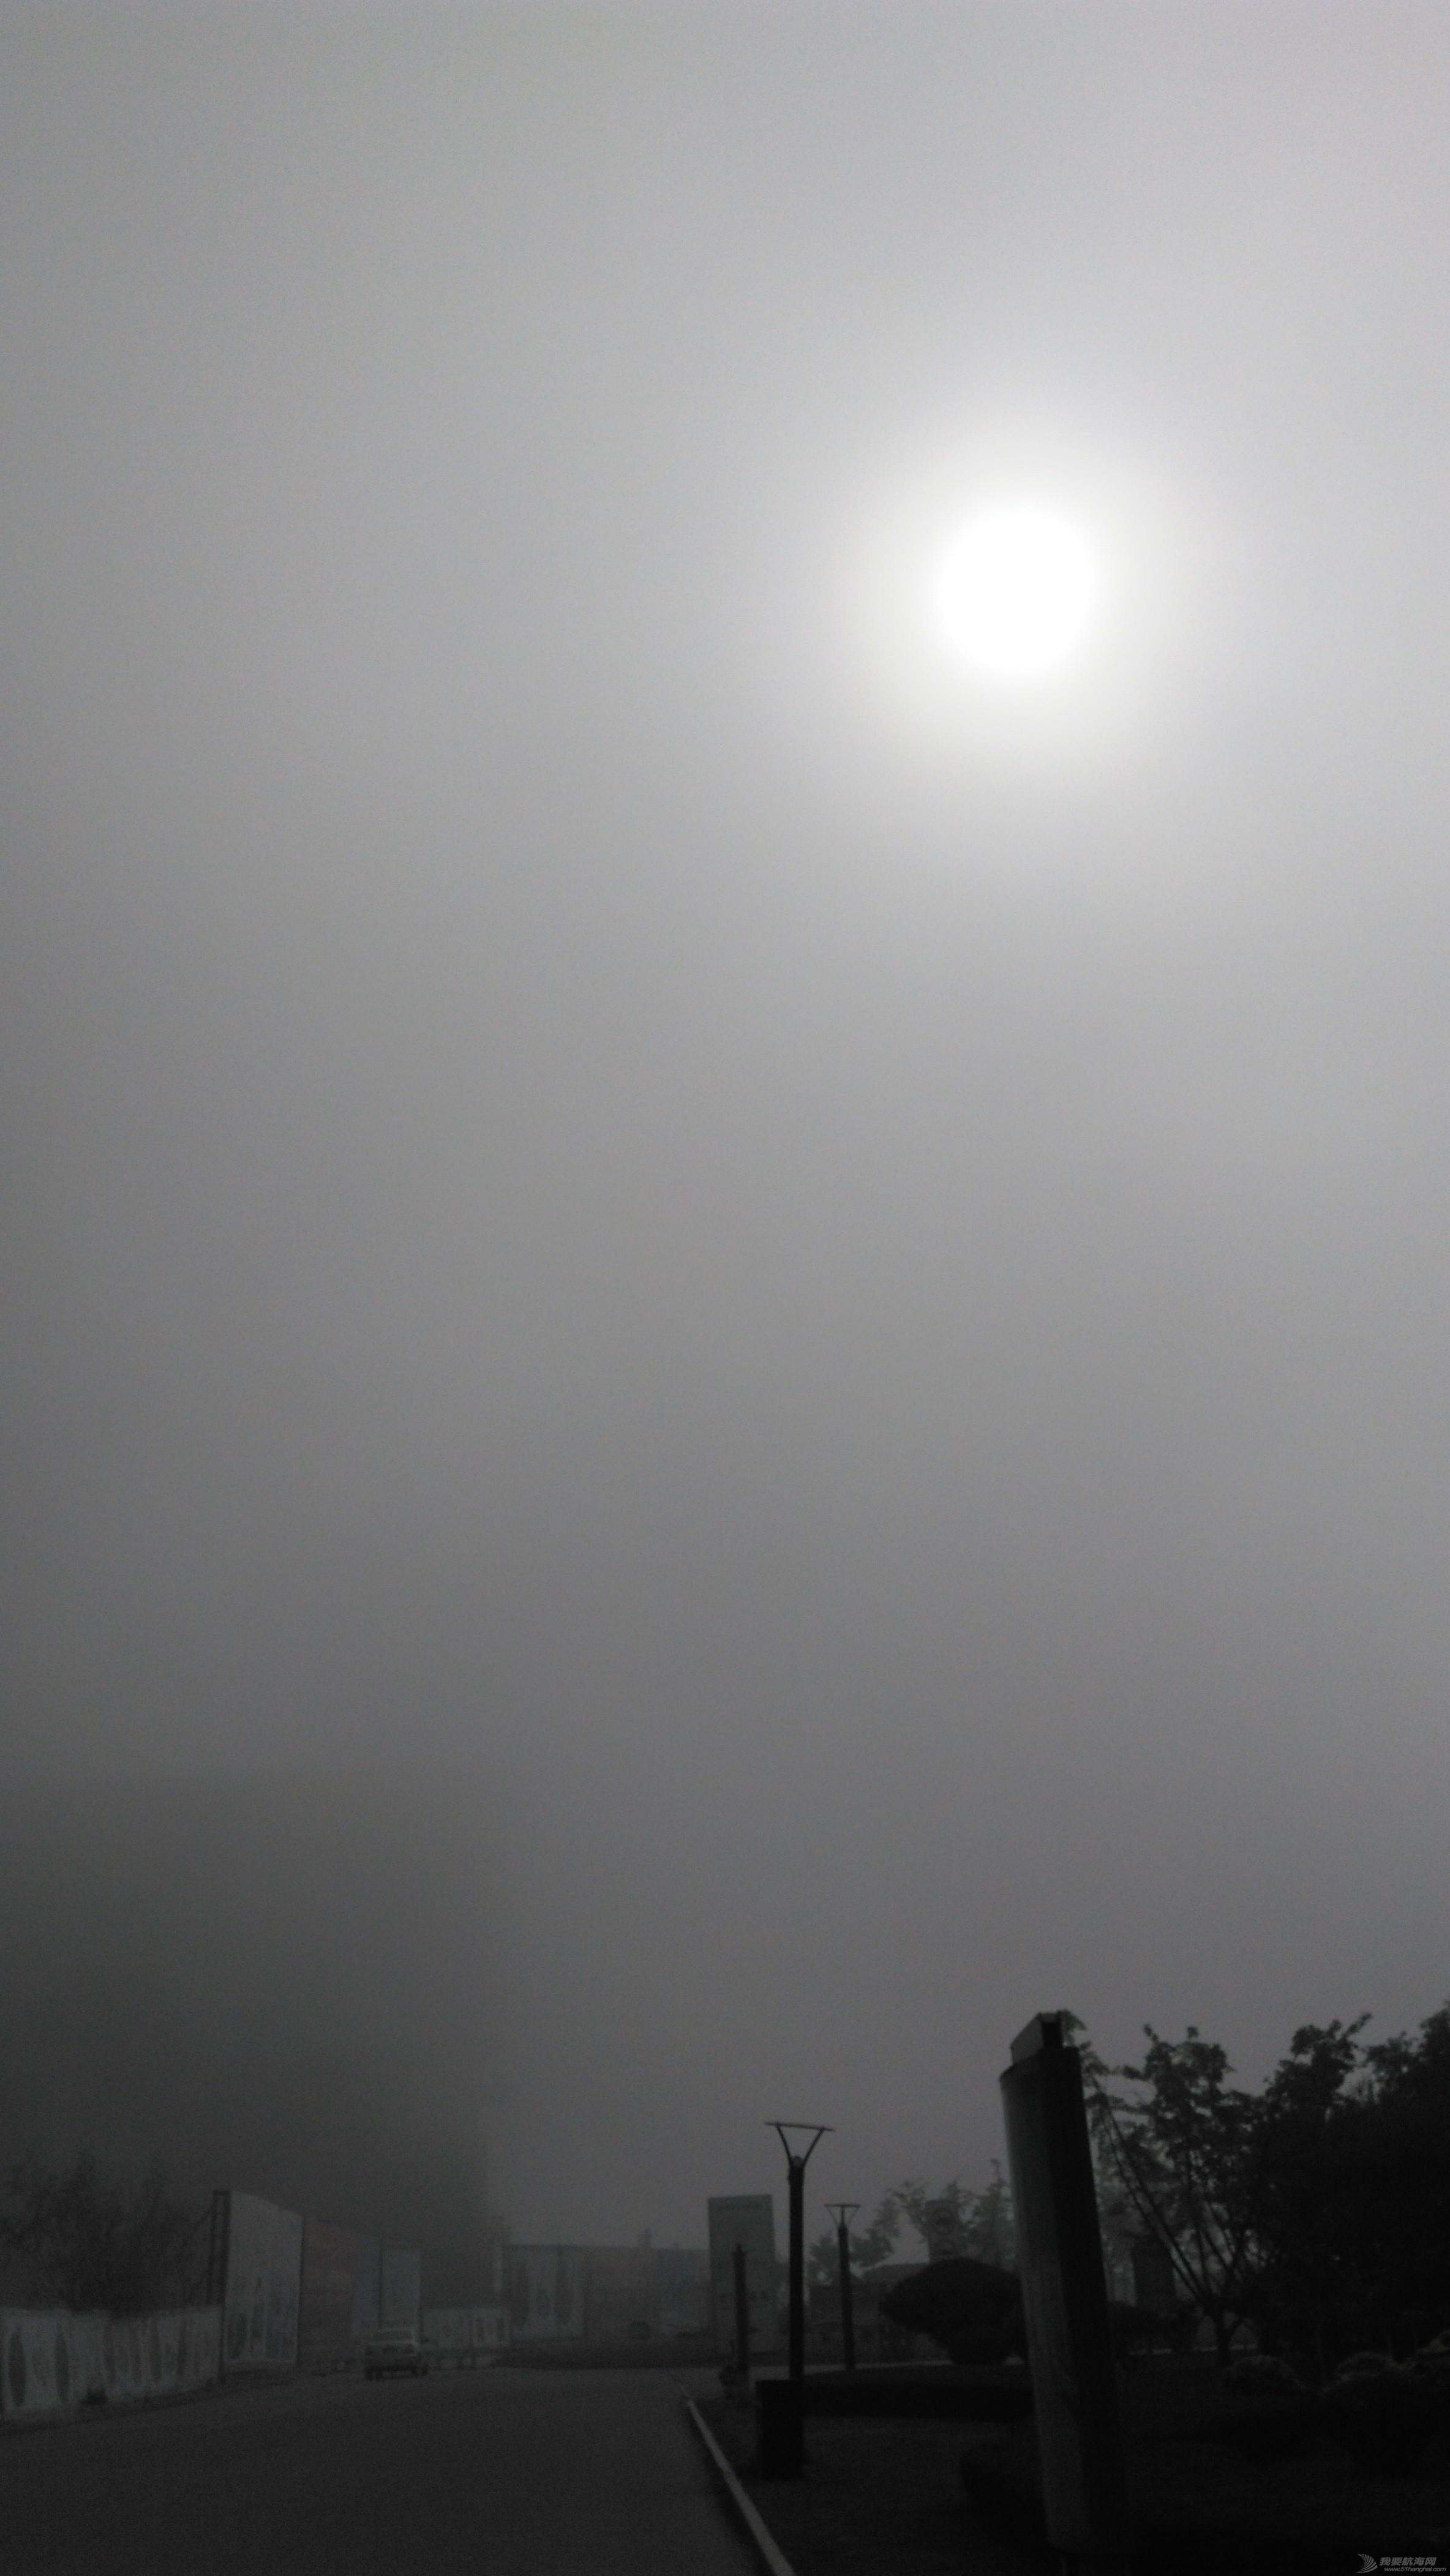 【公益航海行·日照】一周见闻录 IMG_20160609_083115.jpg